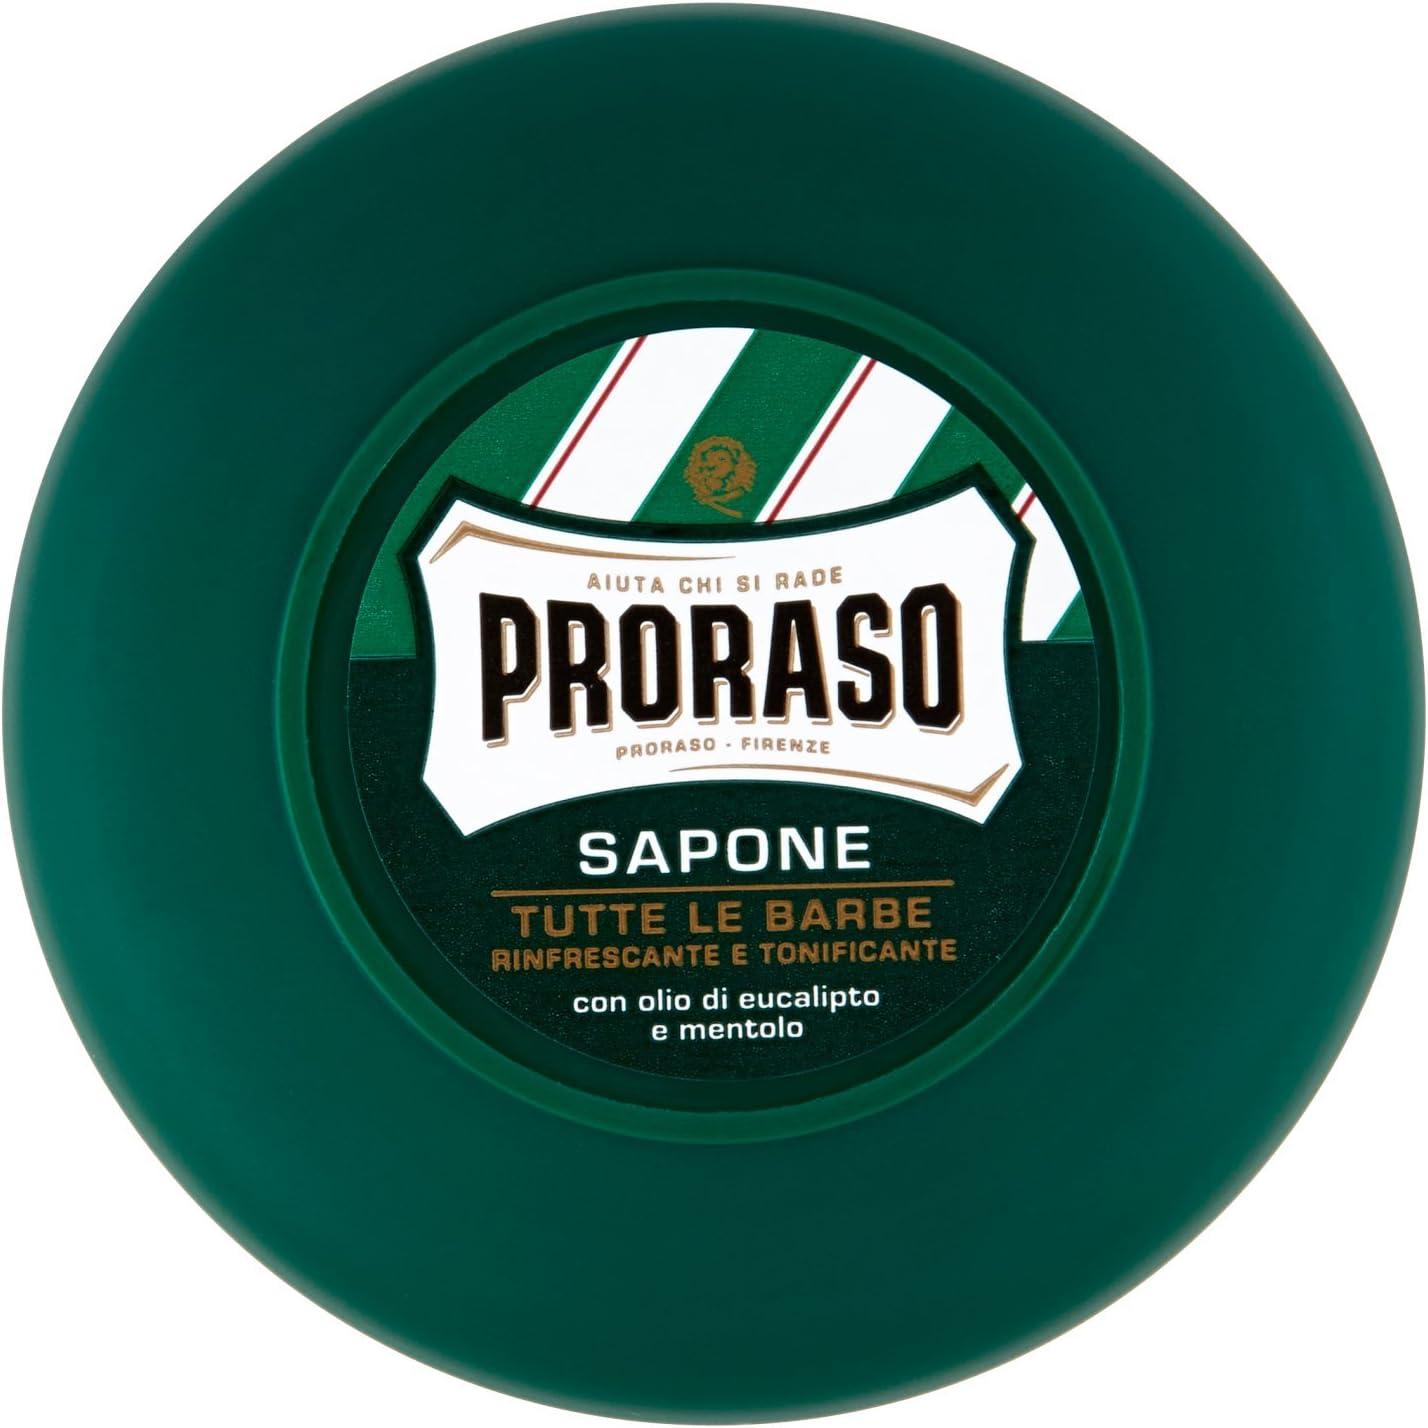 Jabón de afeitar en bote, de Proraso, con mentol y eucalipto, 75 ml